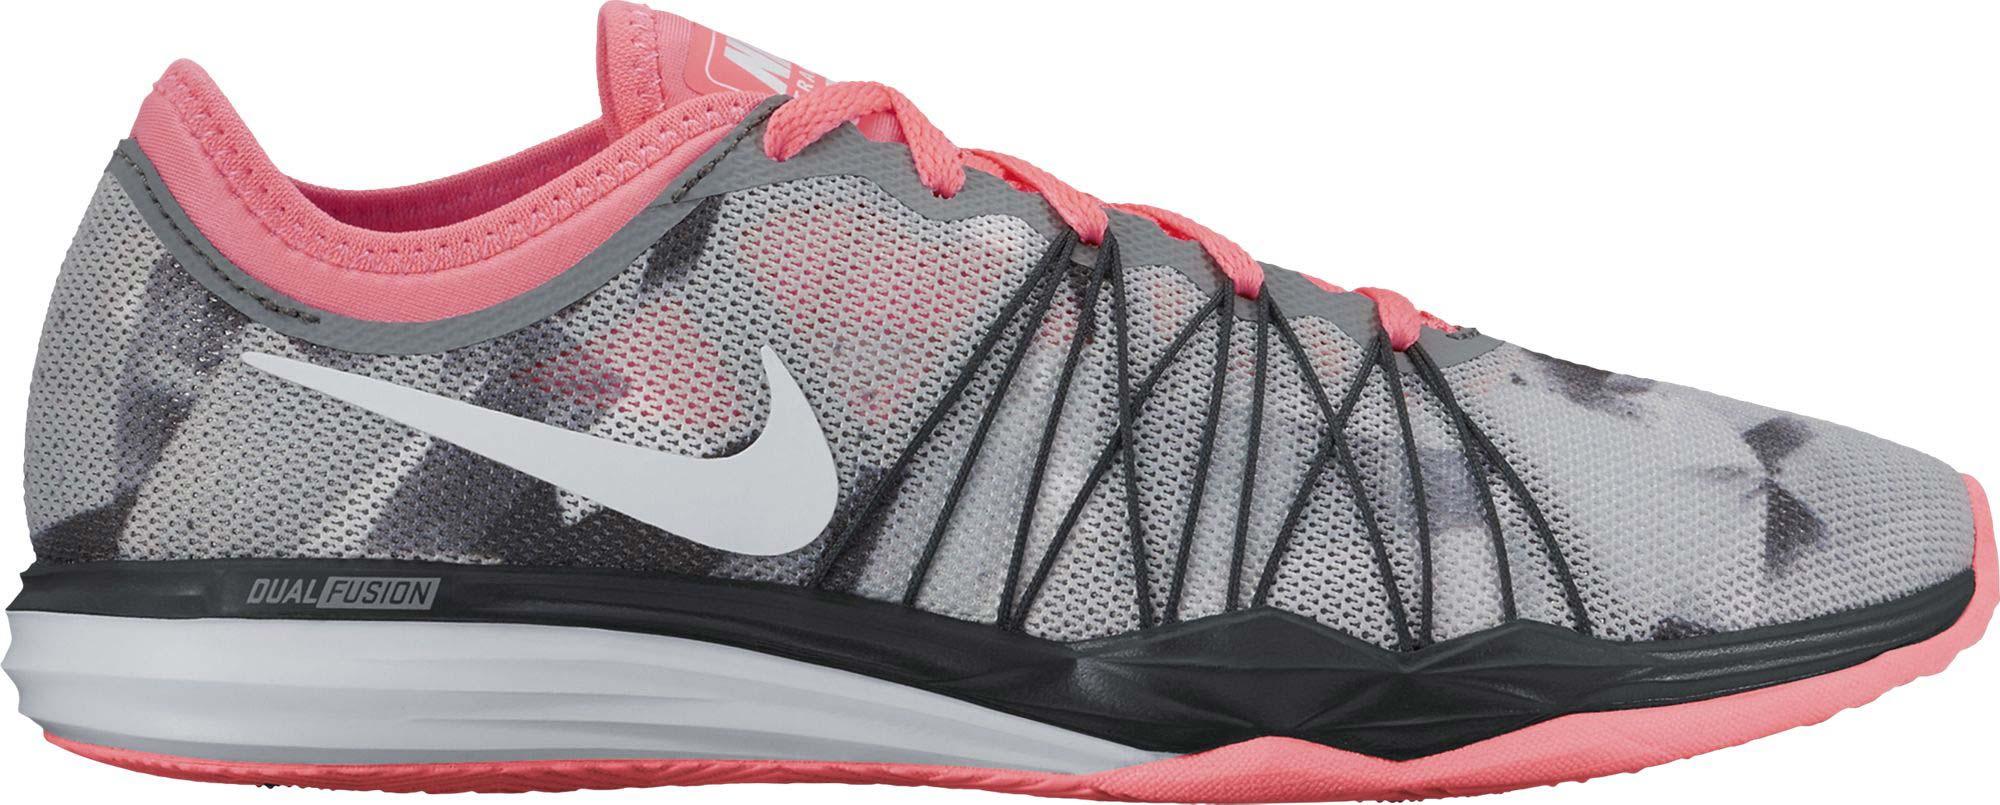 5e41e2974500 Nike DUAL FUSION TRAINING SHOE